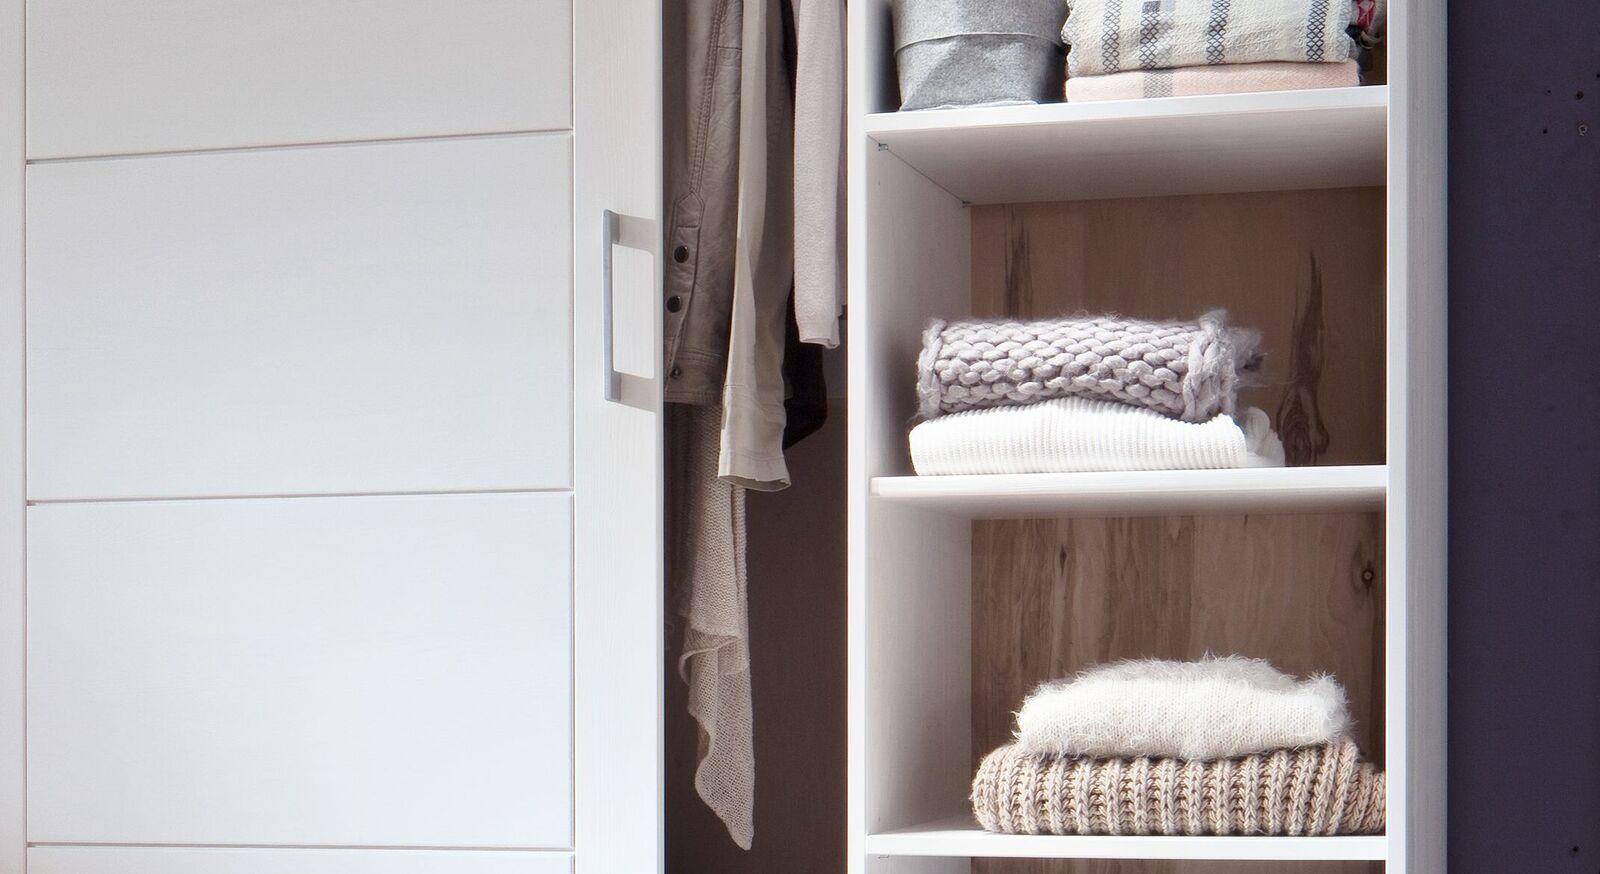 Schiebetüren-Kleiderschrank Ottena inklusive Einlegeböden